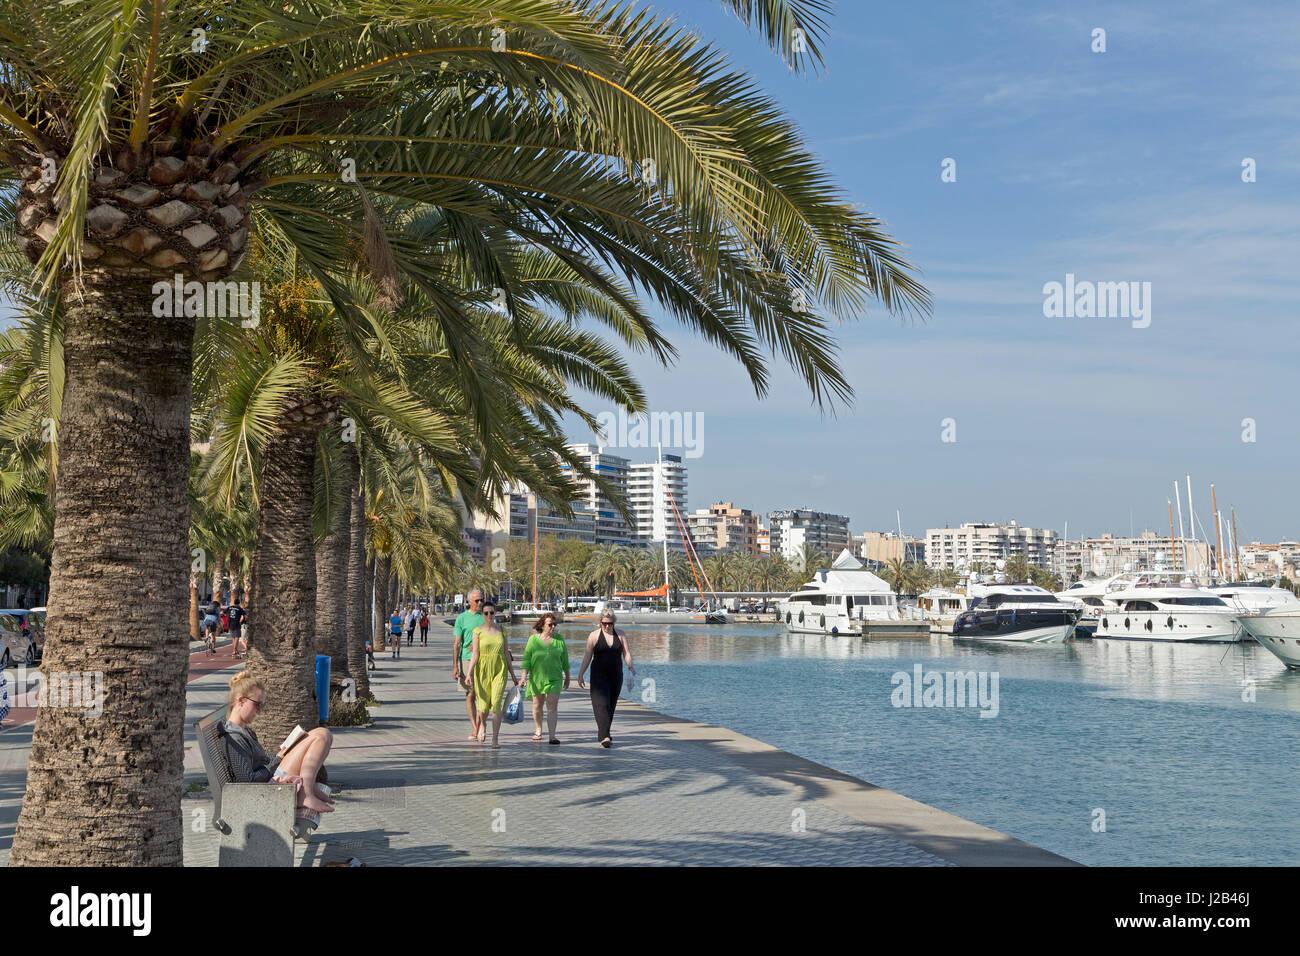 Lungomare di Palma de Mallorca, Spagna Immagini Stock